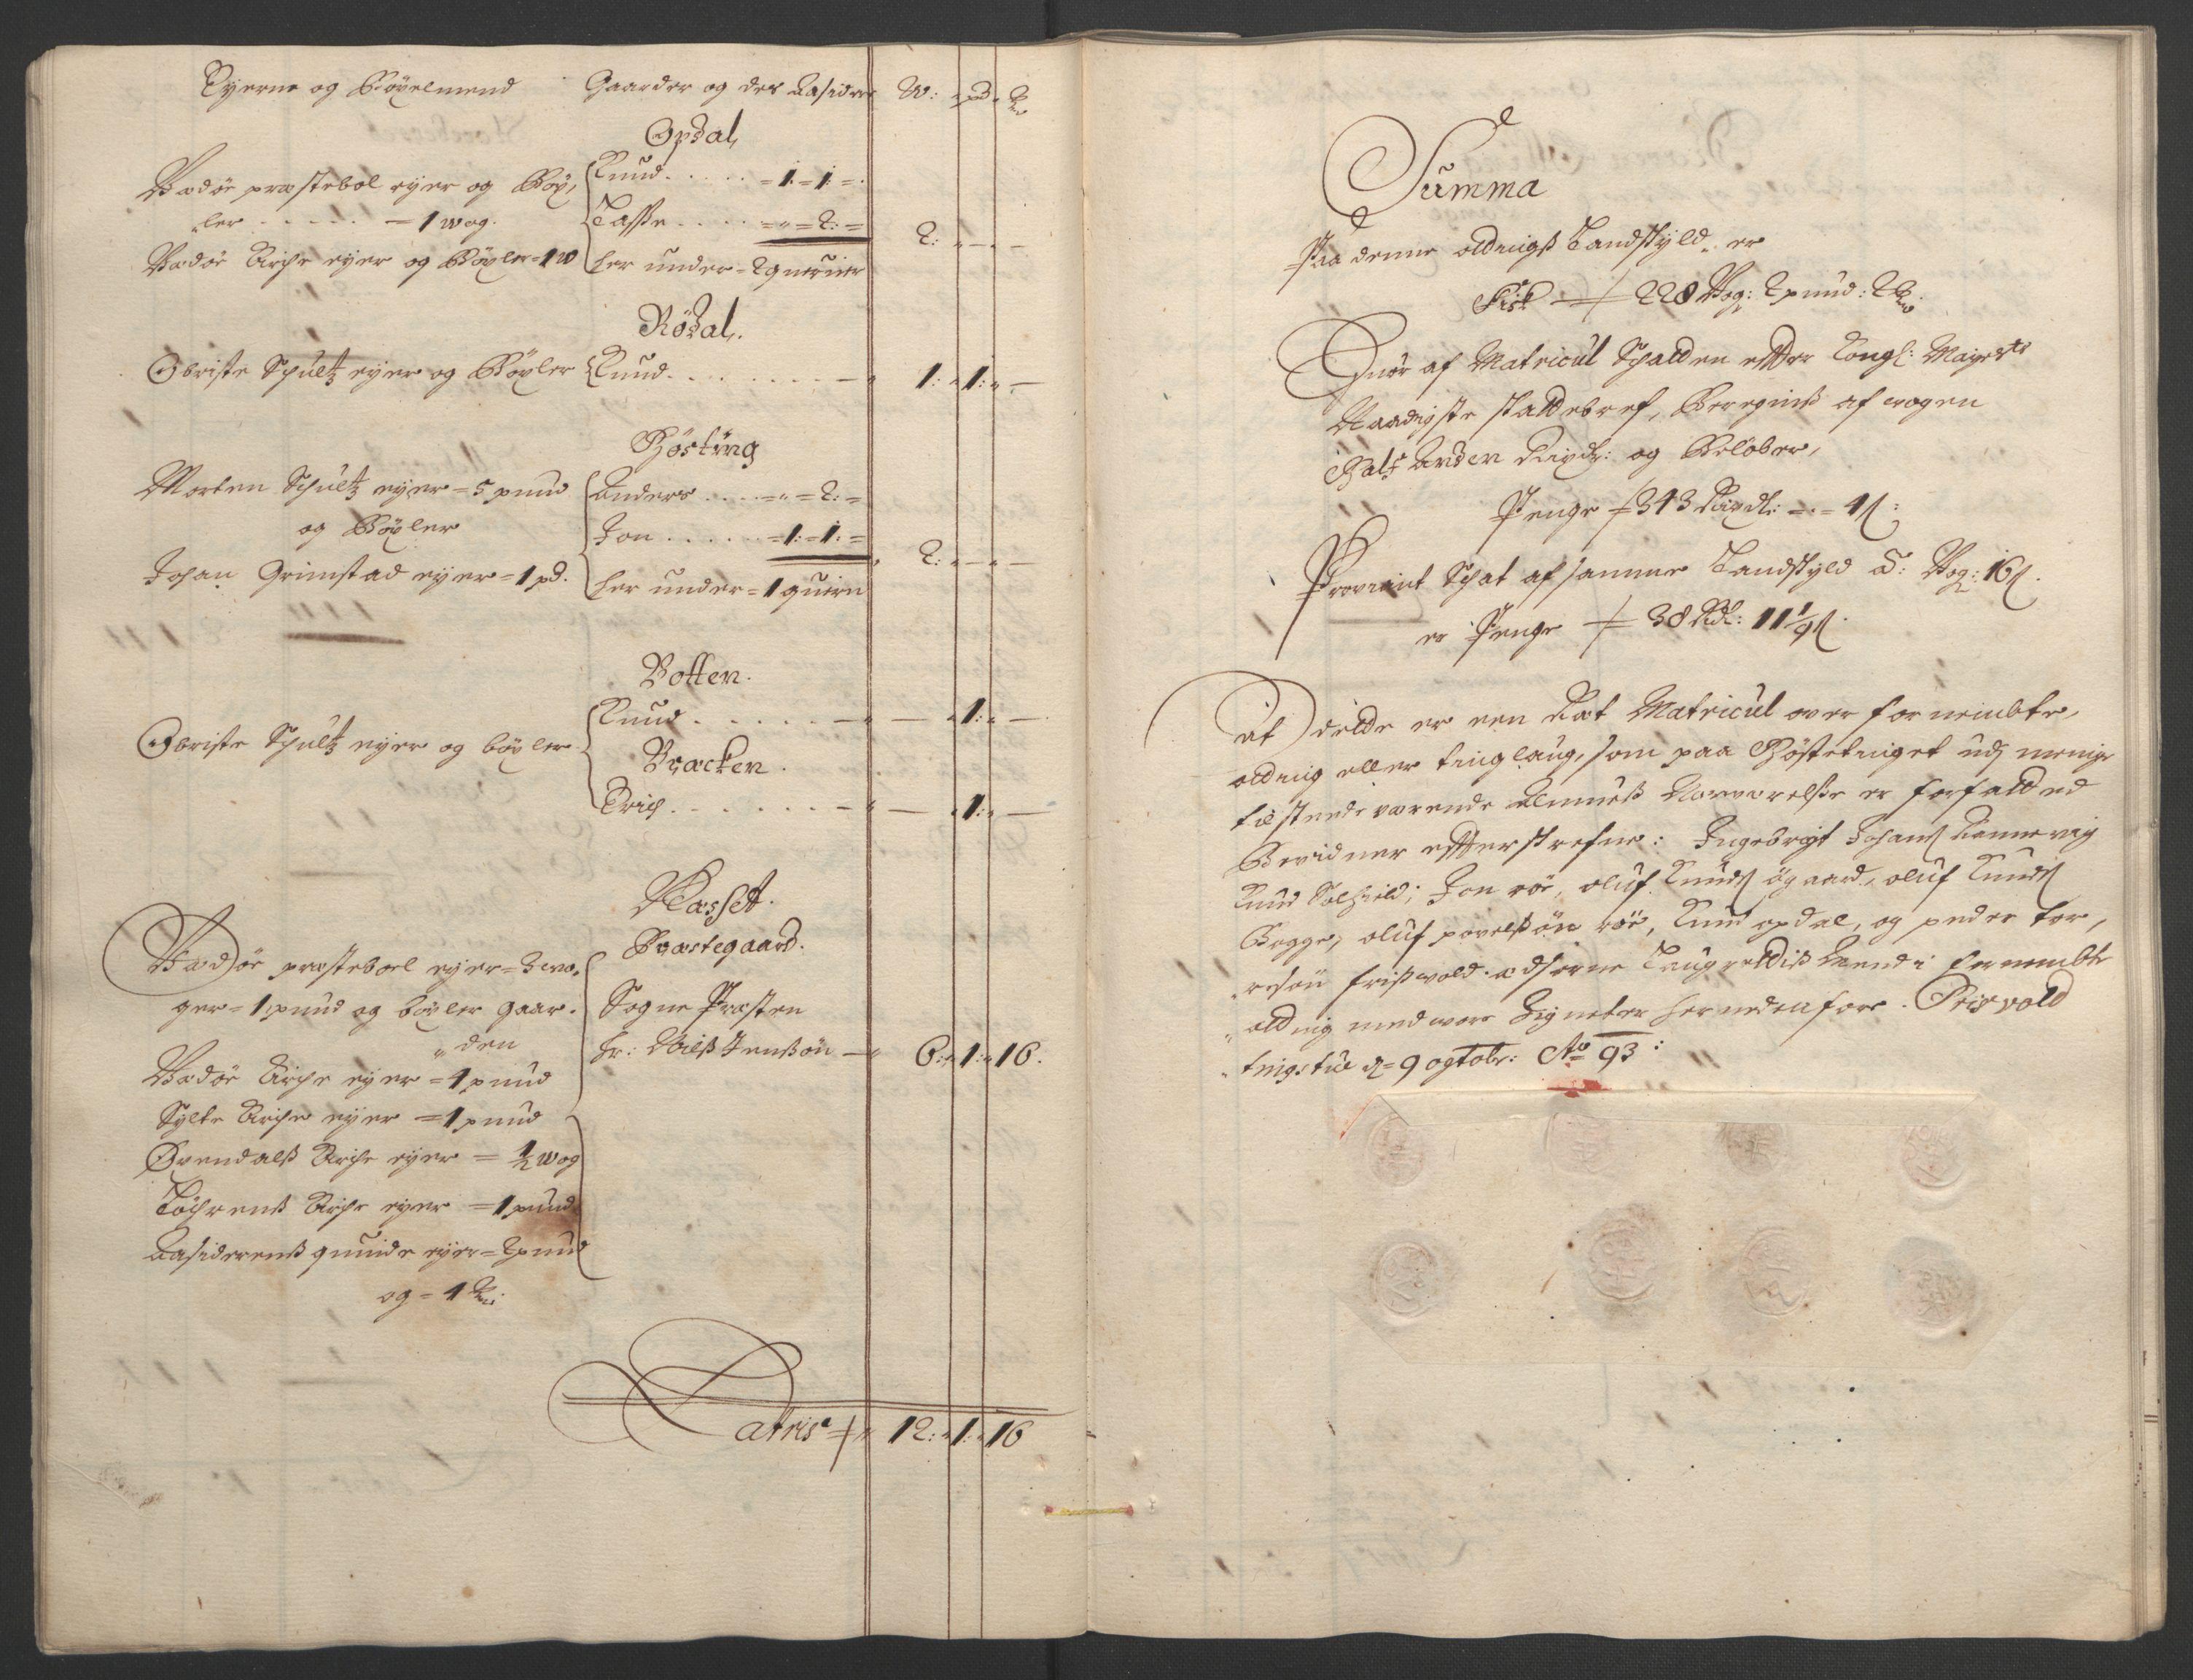 RA, Rentekammeret inntil 1814, Reviderte regnskaper, Fogderegnskap, R55/L3651: Fogderegnskap Romsdal, 1693-1694, p. 26